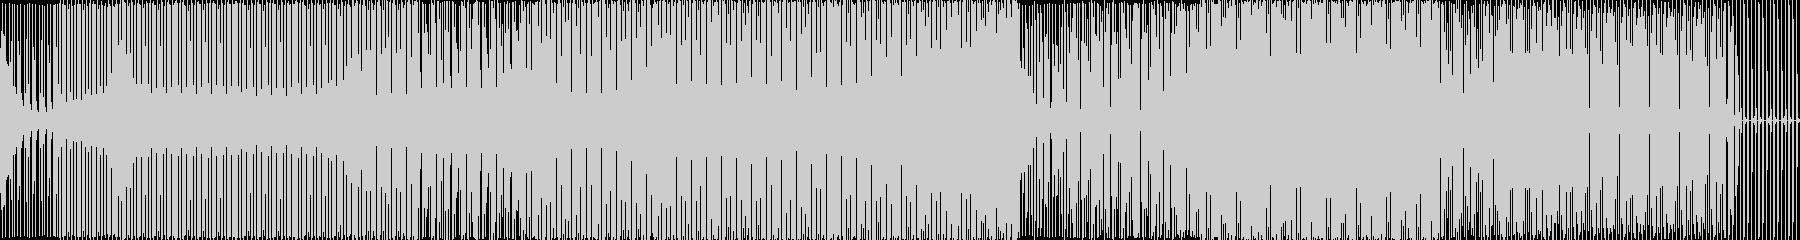 古い音のダンス。スポットに適しています。の未再生の波形